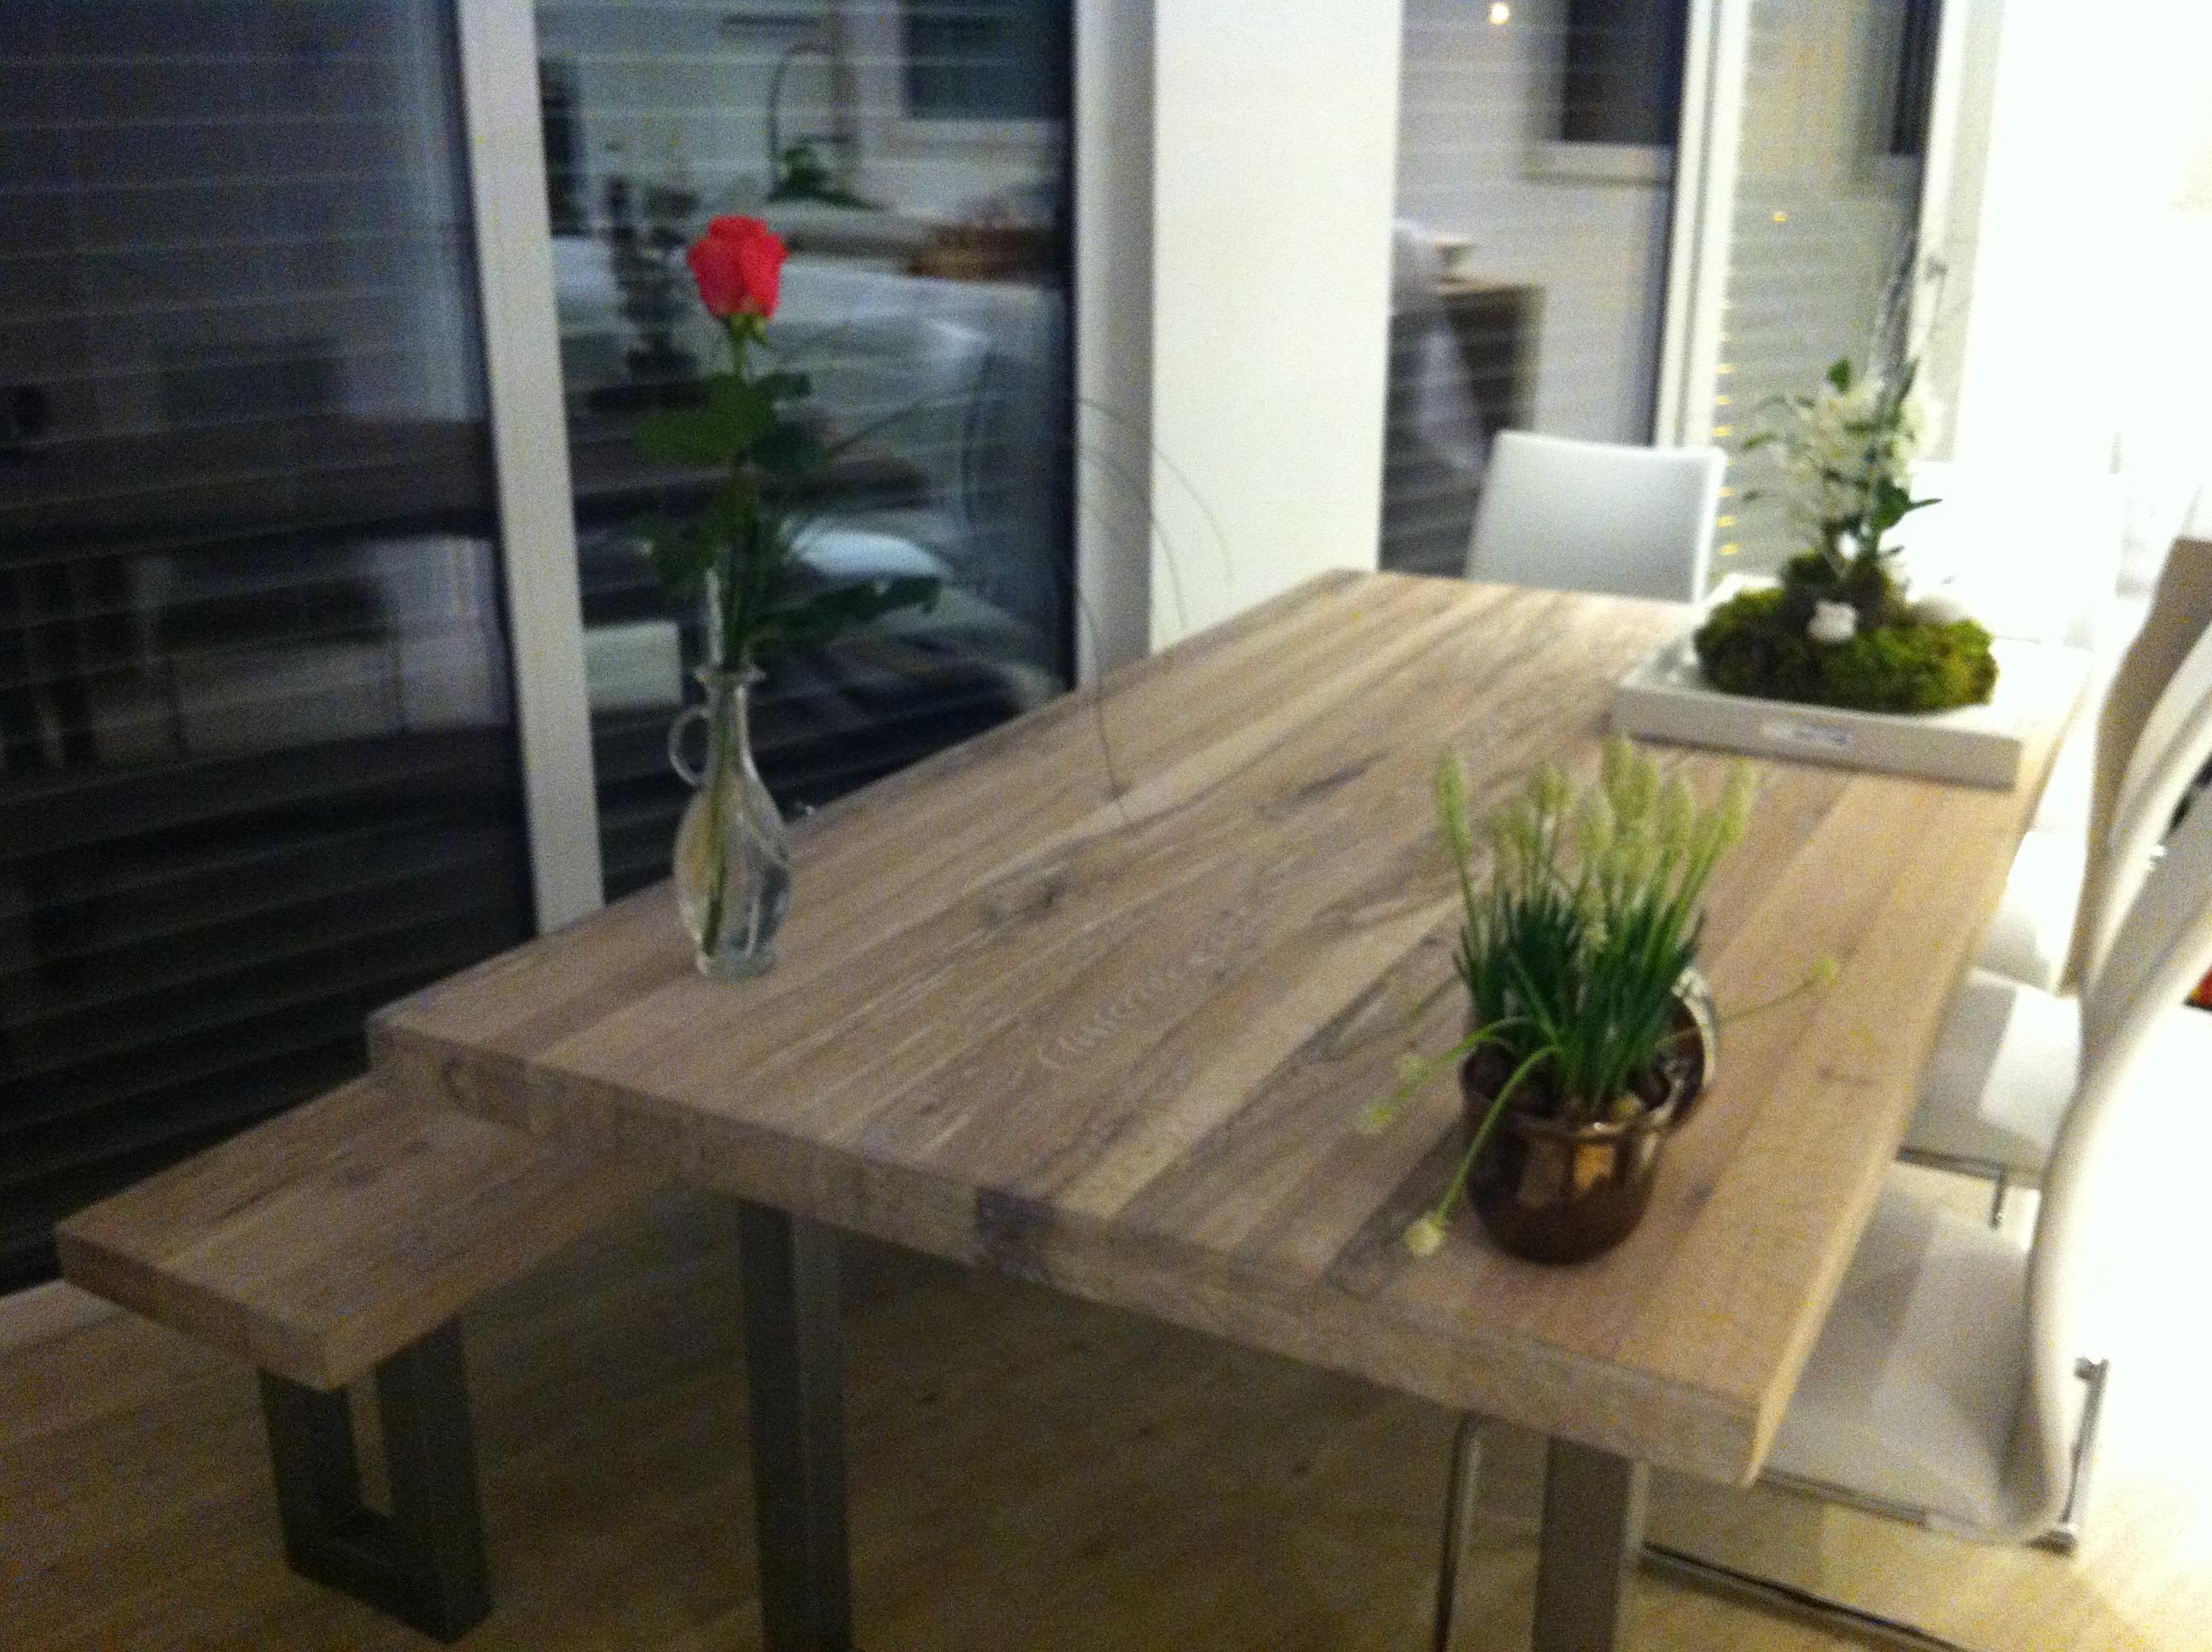 esstisch aus echtholz in modernen einfamilienhaus am kaiserstuhl designed by sina schmidt. Black Bedroom Furniture Sets. Home Design Ideas